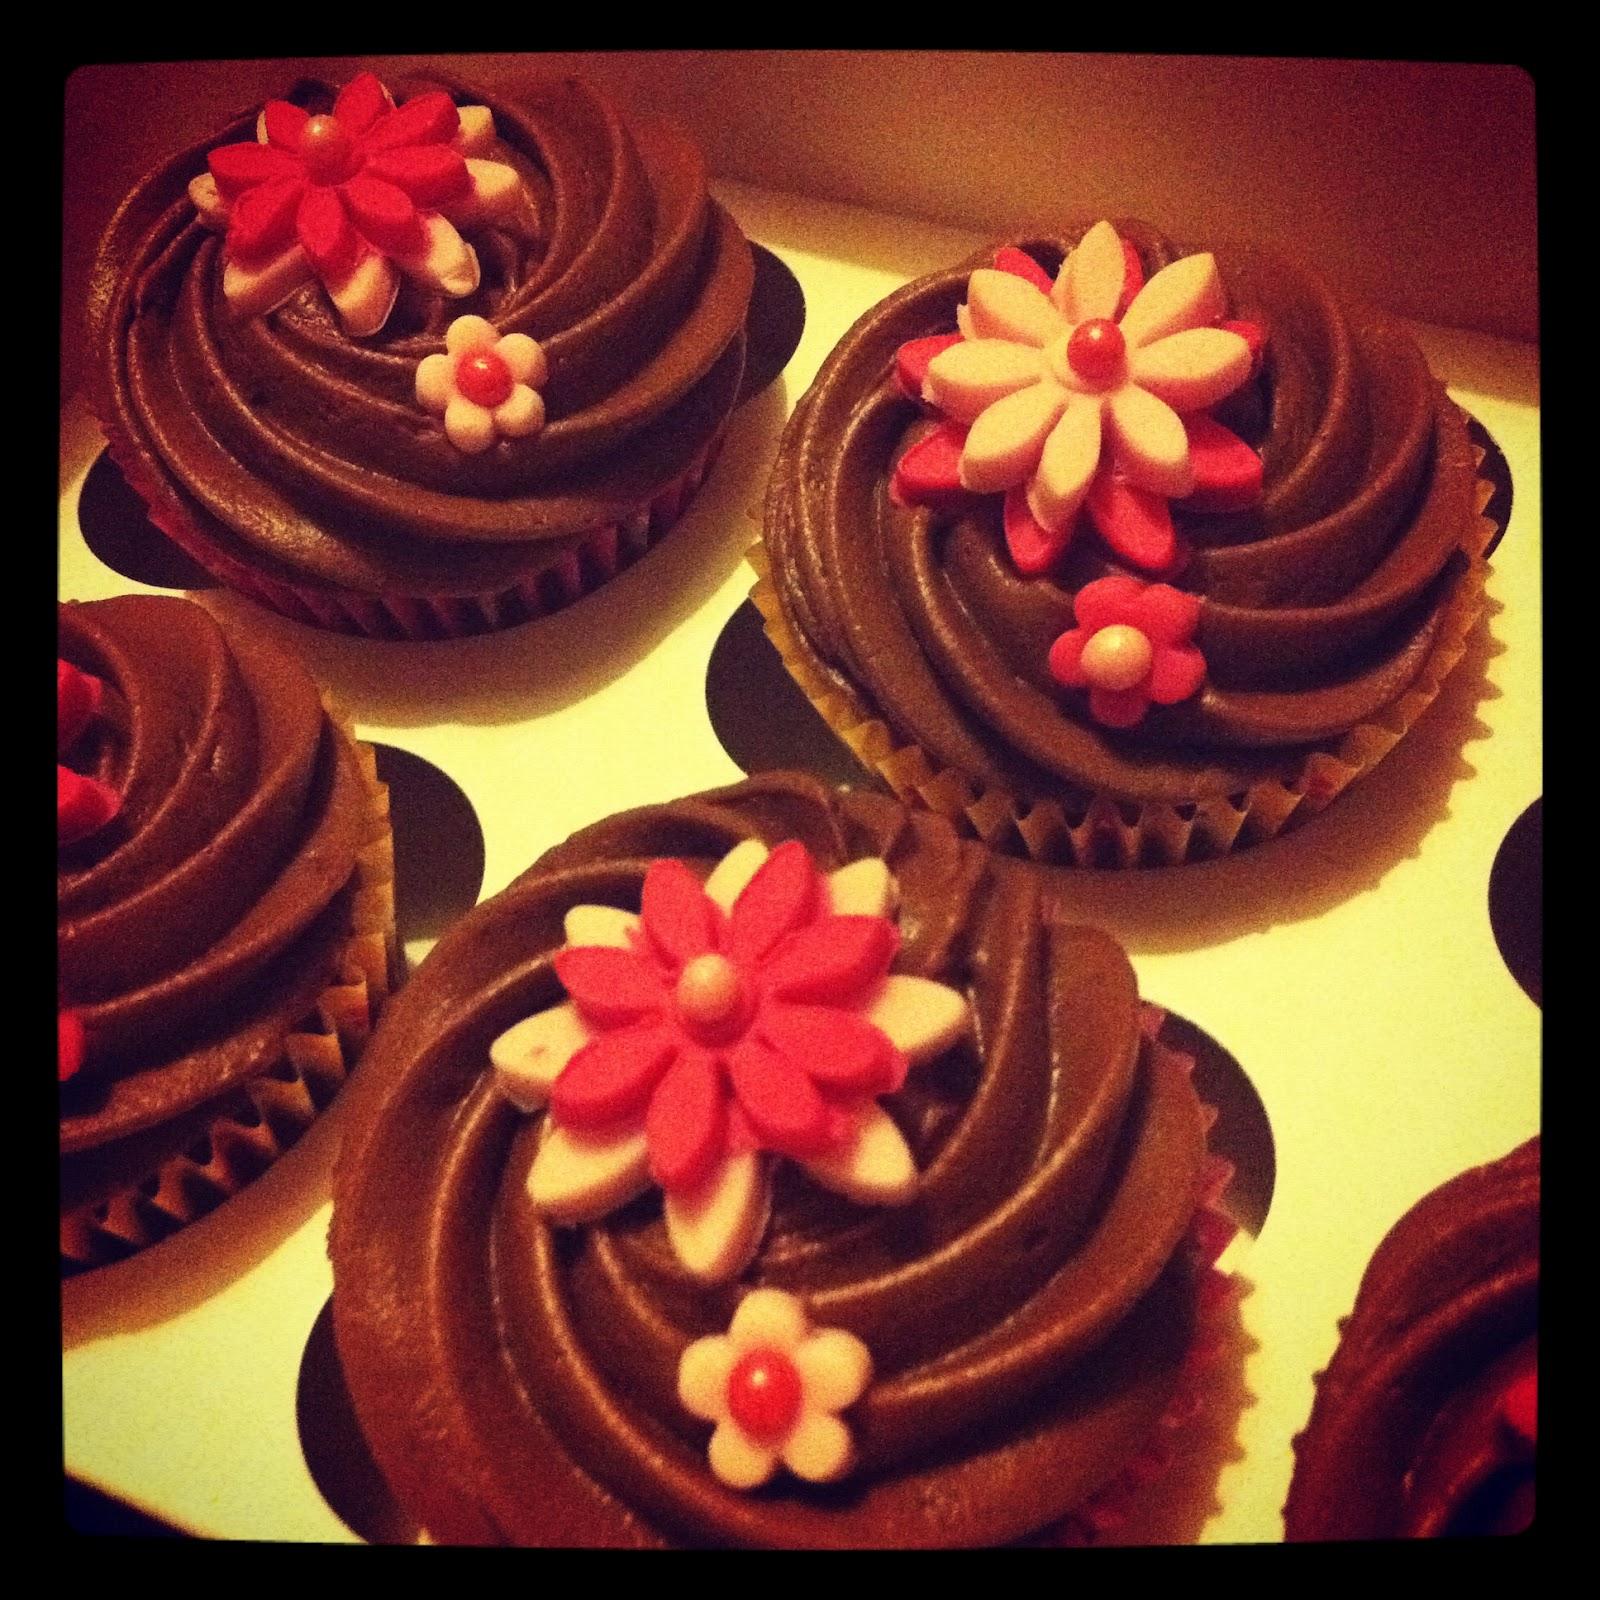 Chocolate-Orange Blossom Cake